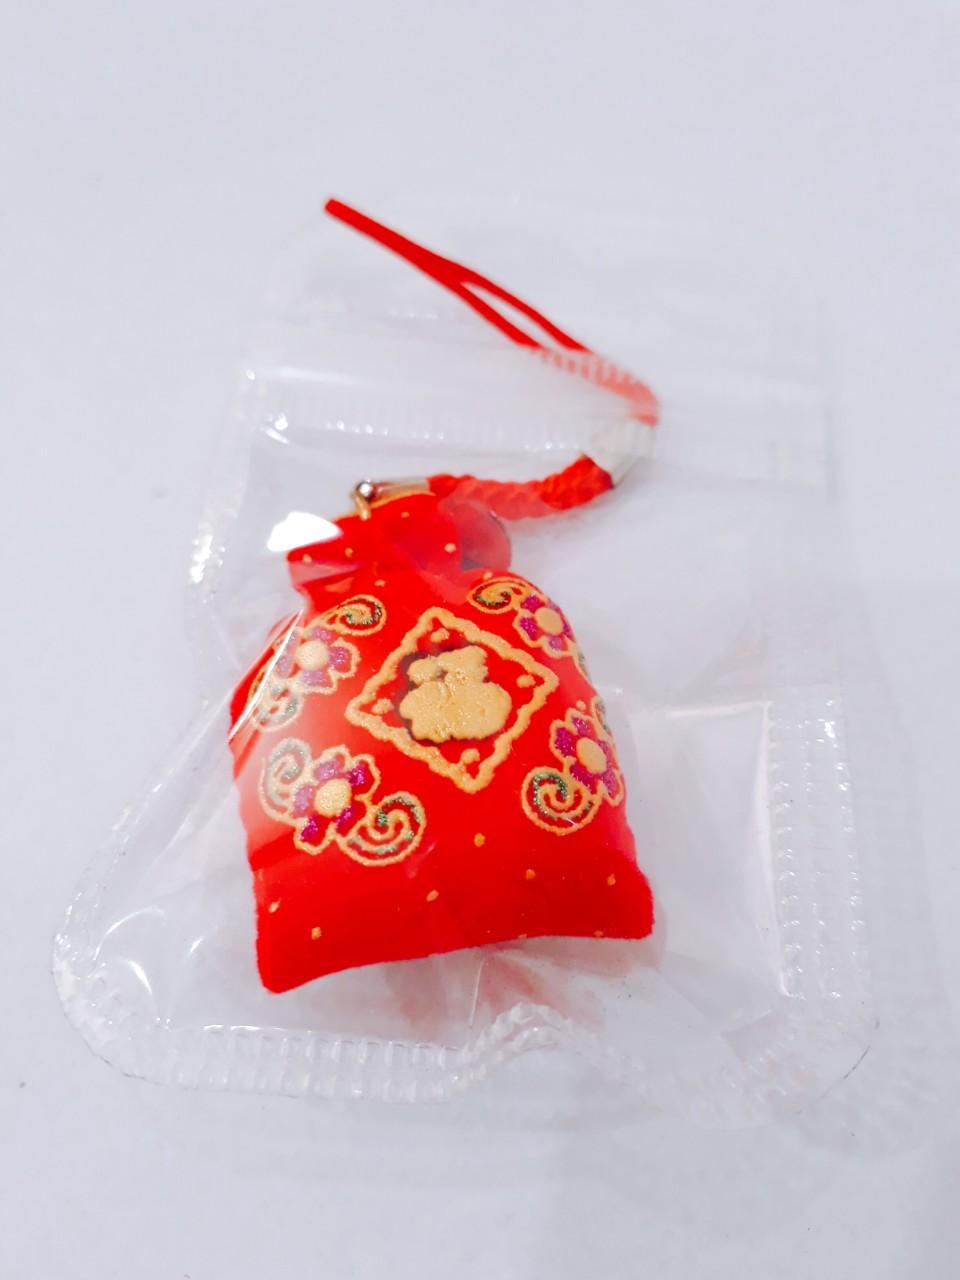 Túi gấm may mắn - lộc đỏ cả năm